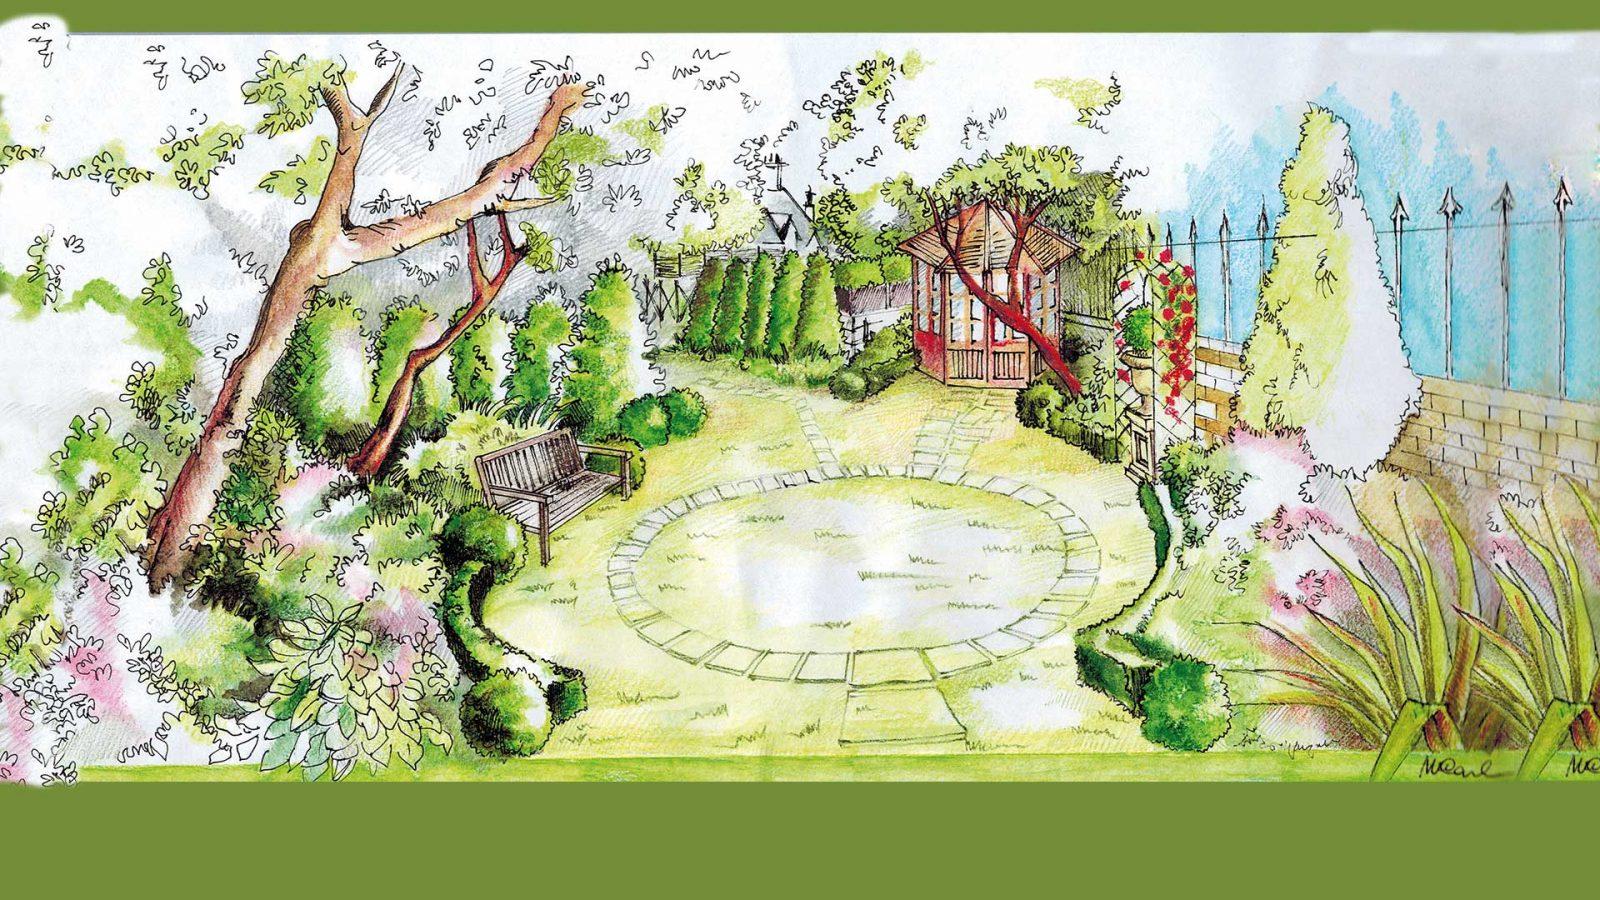 disegno artistico giardino